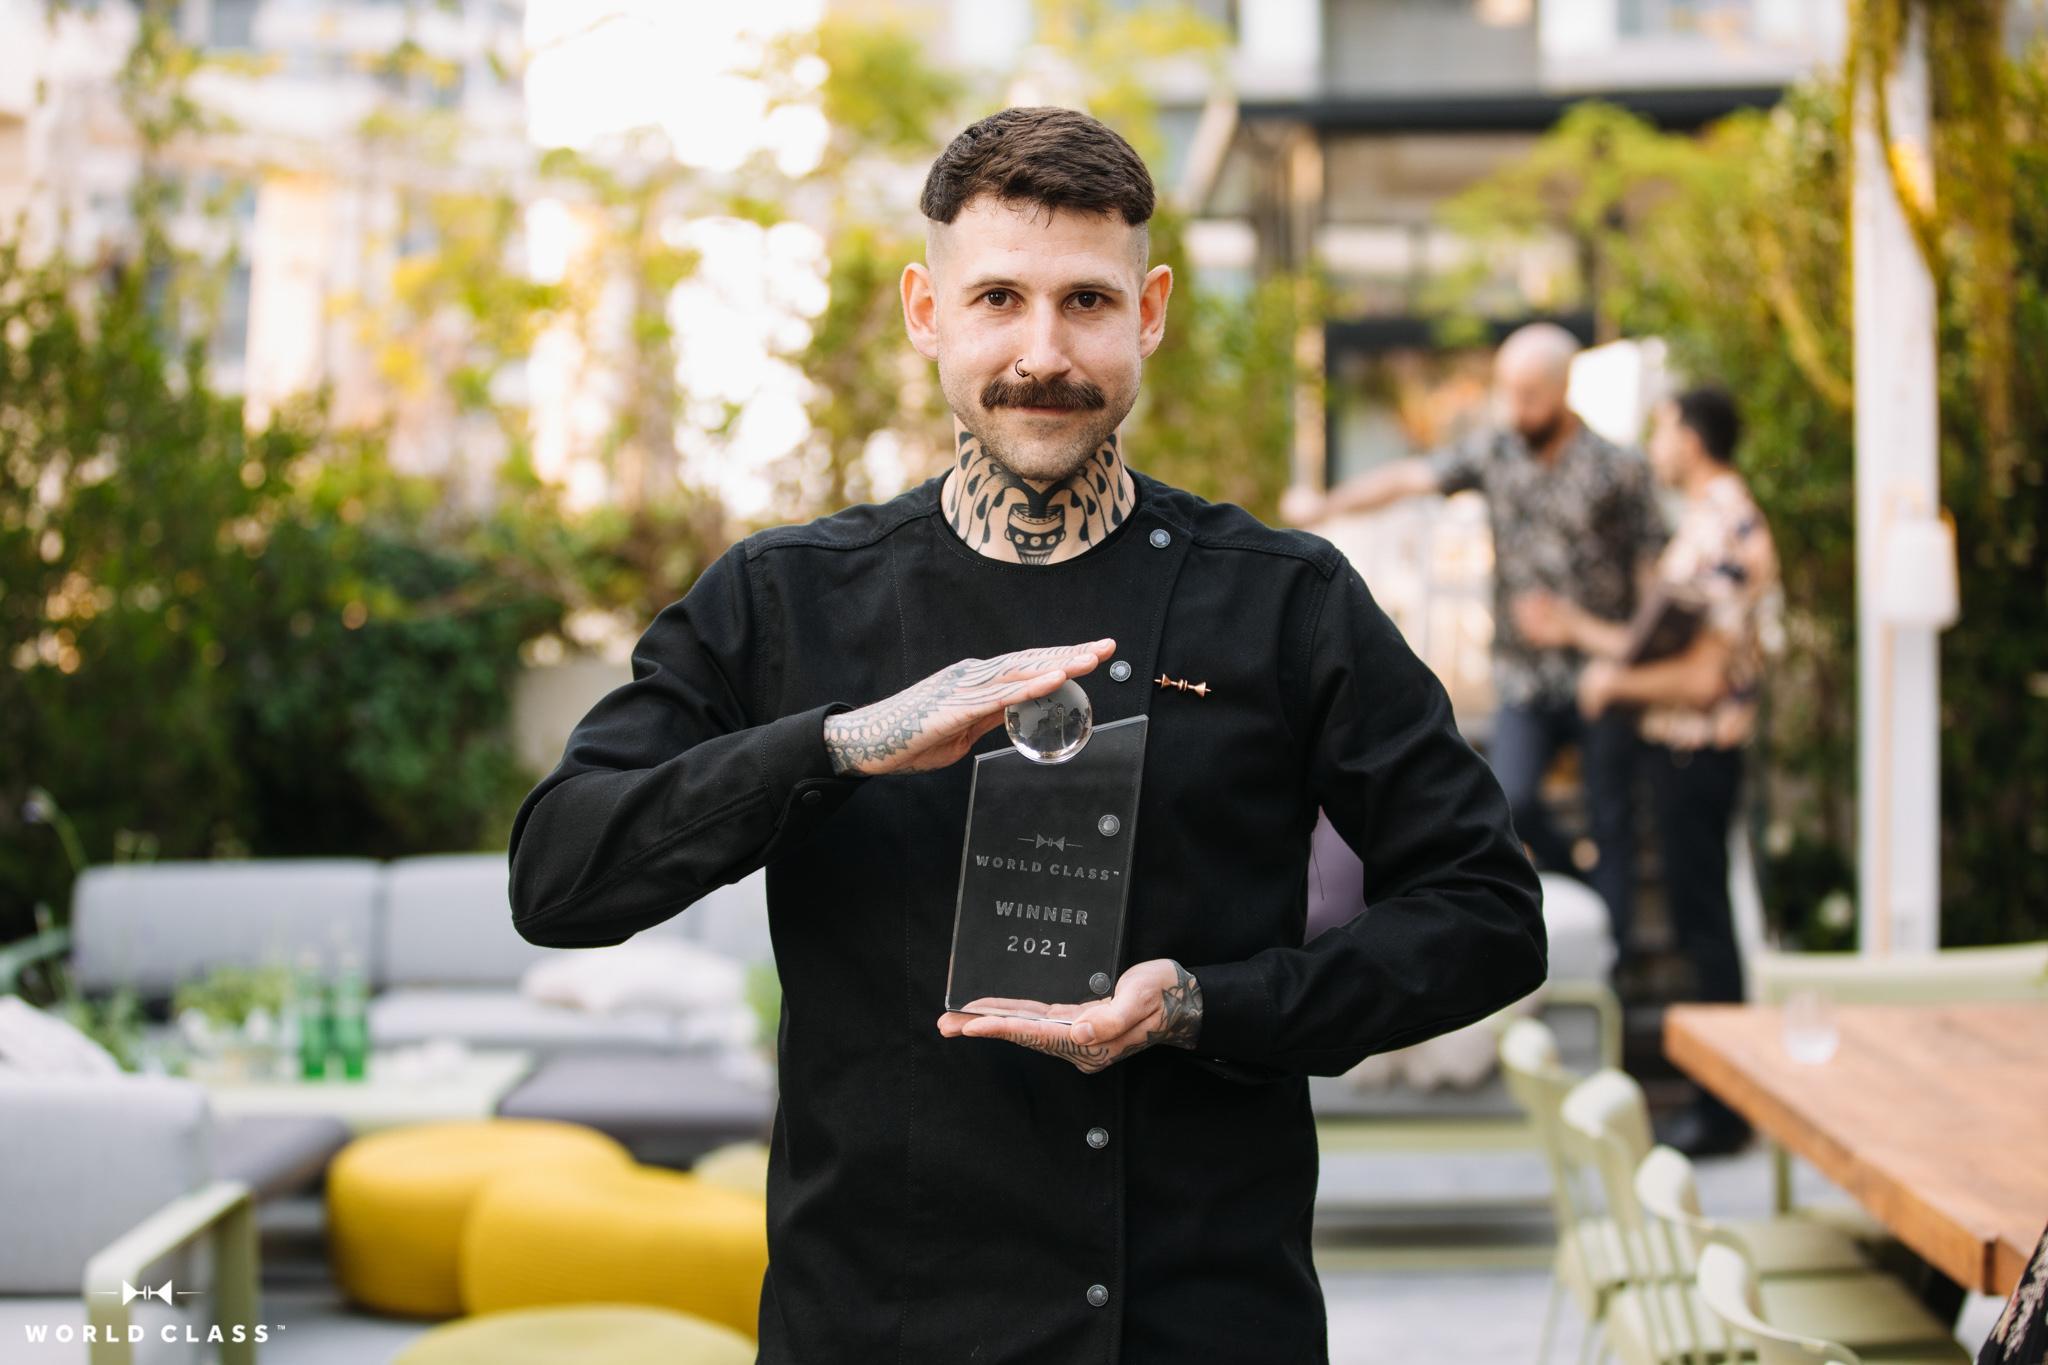 Українець став найкращим барменом Ізраїлю. Інтерв'ю з переможцем World Class Israel 2021